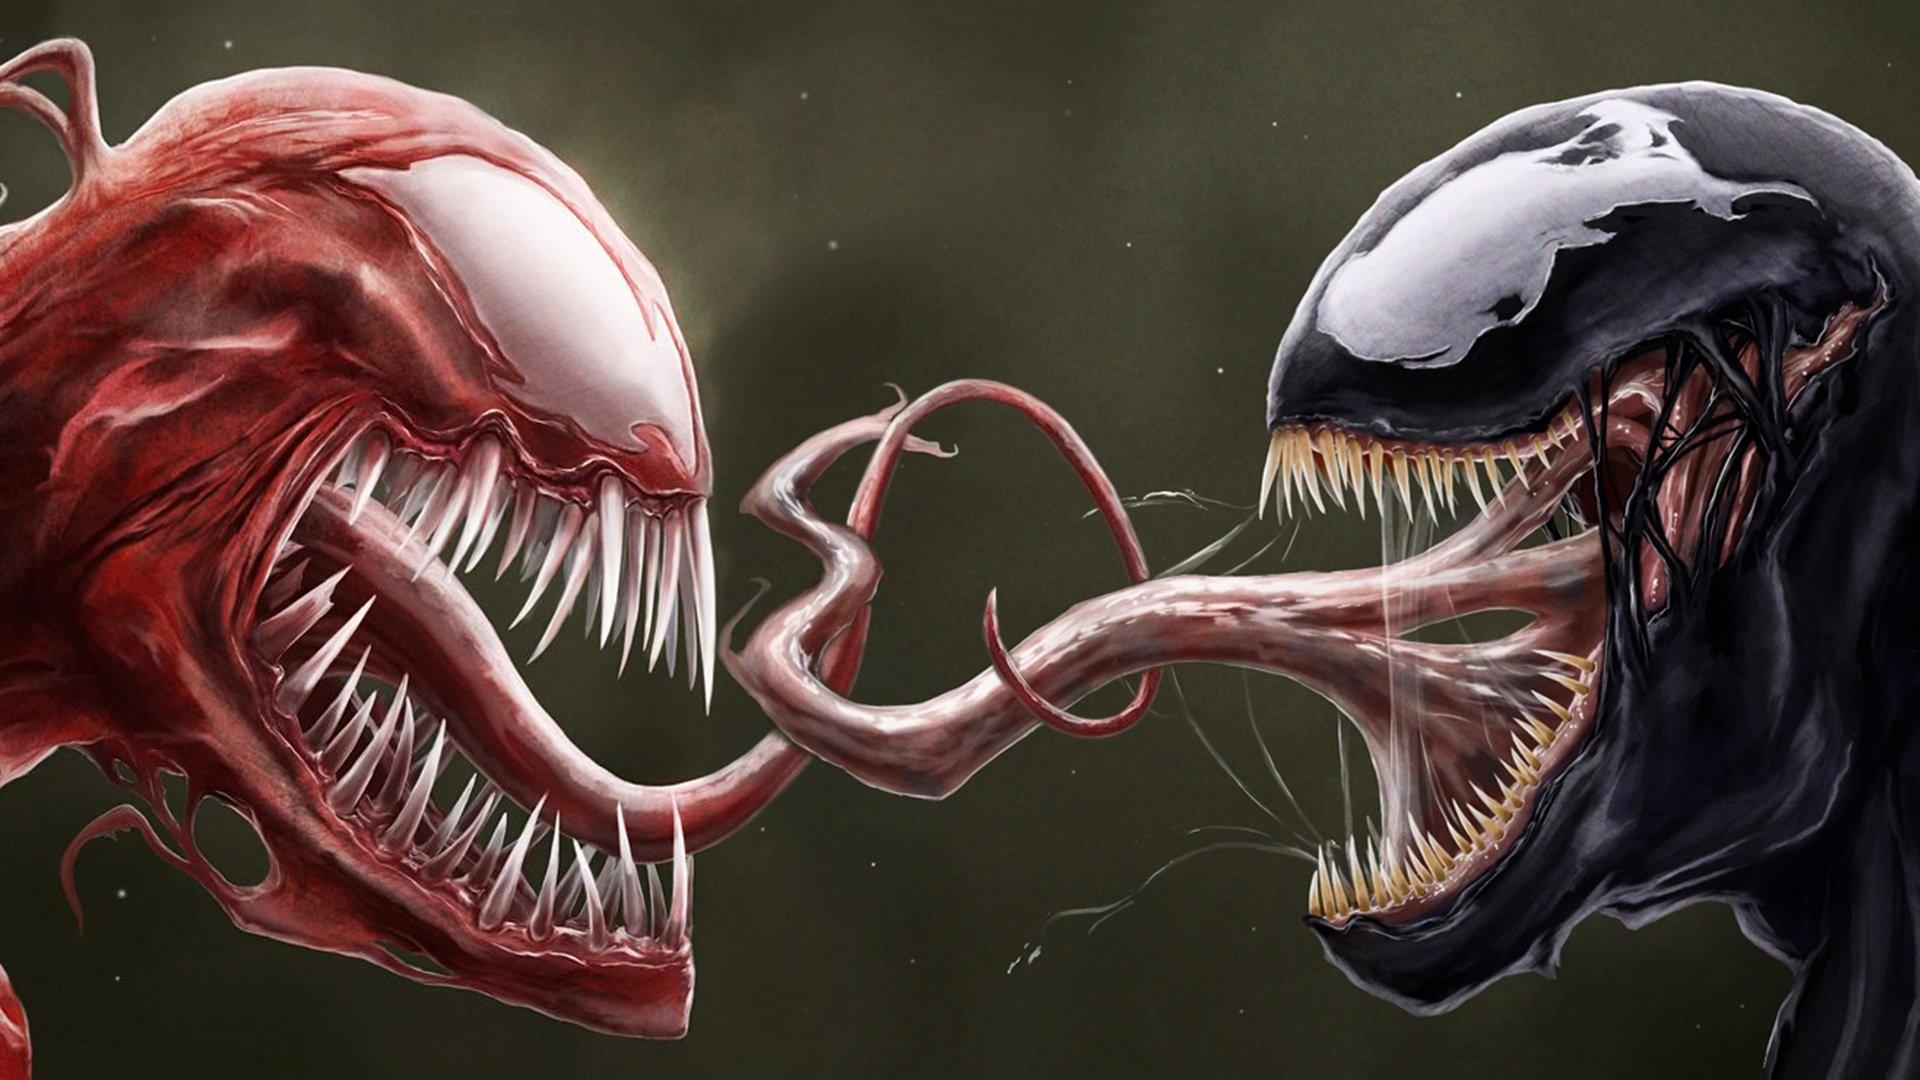 Images of Venom Vs Carnage | 1920×1080